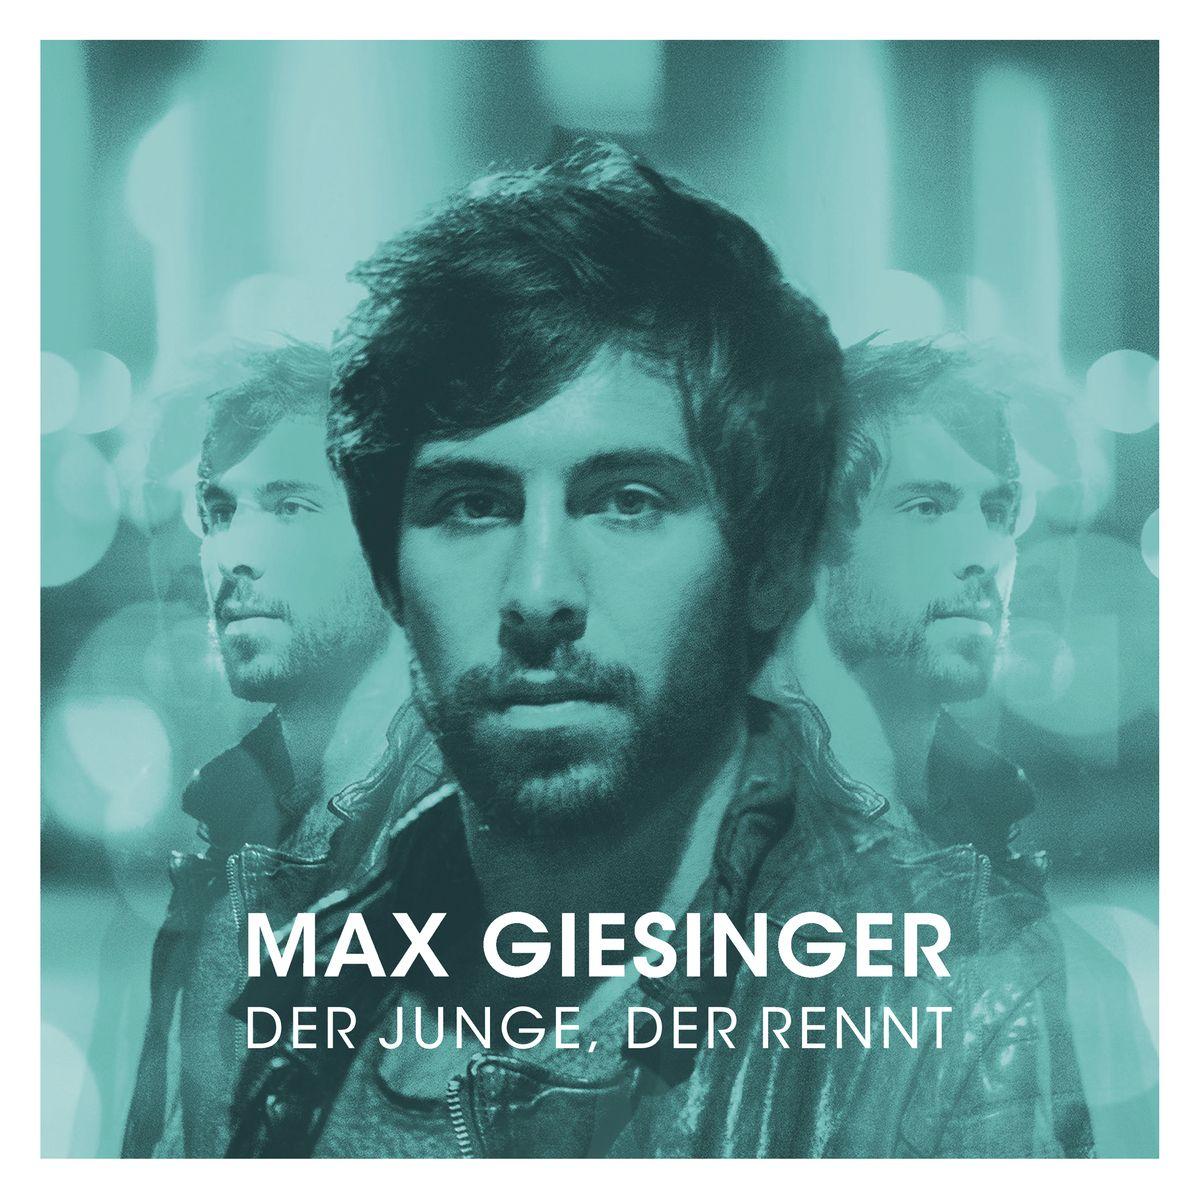 Max Giesinger - Der Junge, Der Rennt album cover